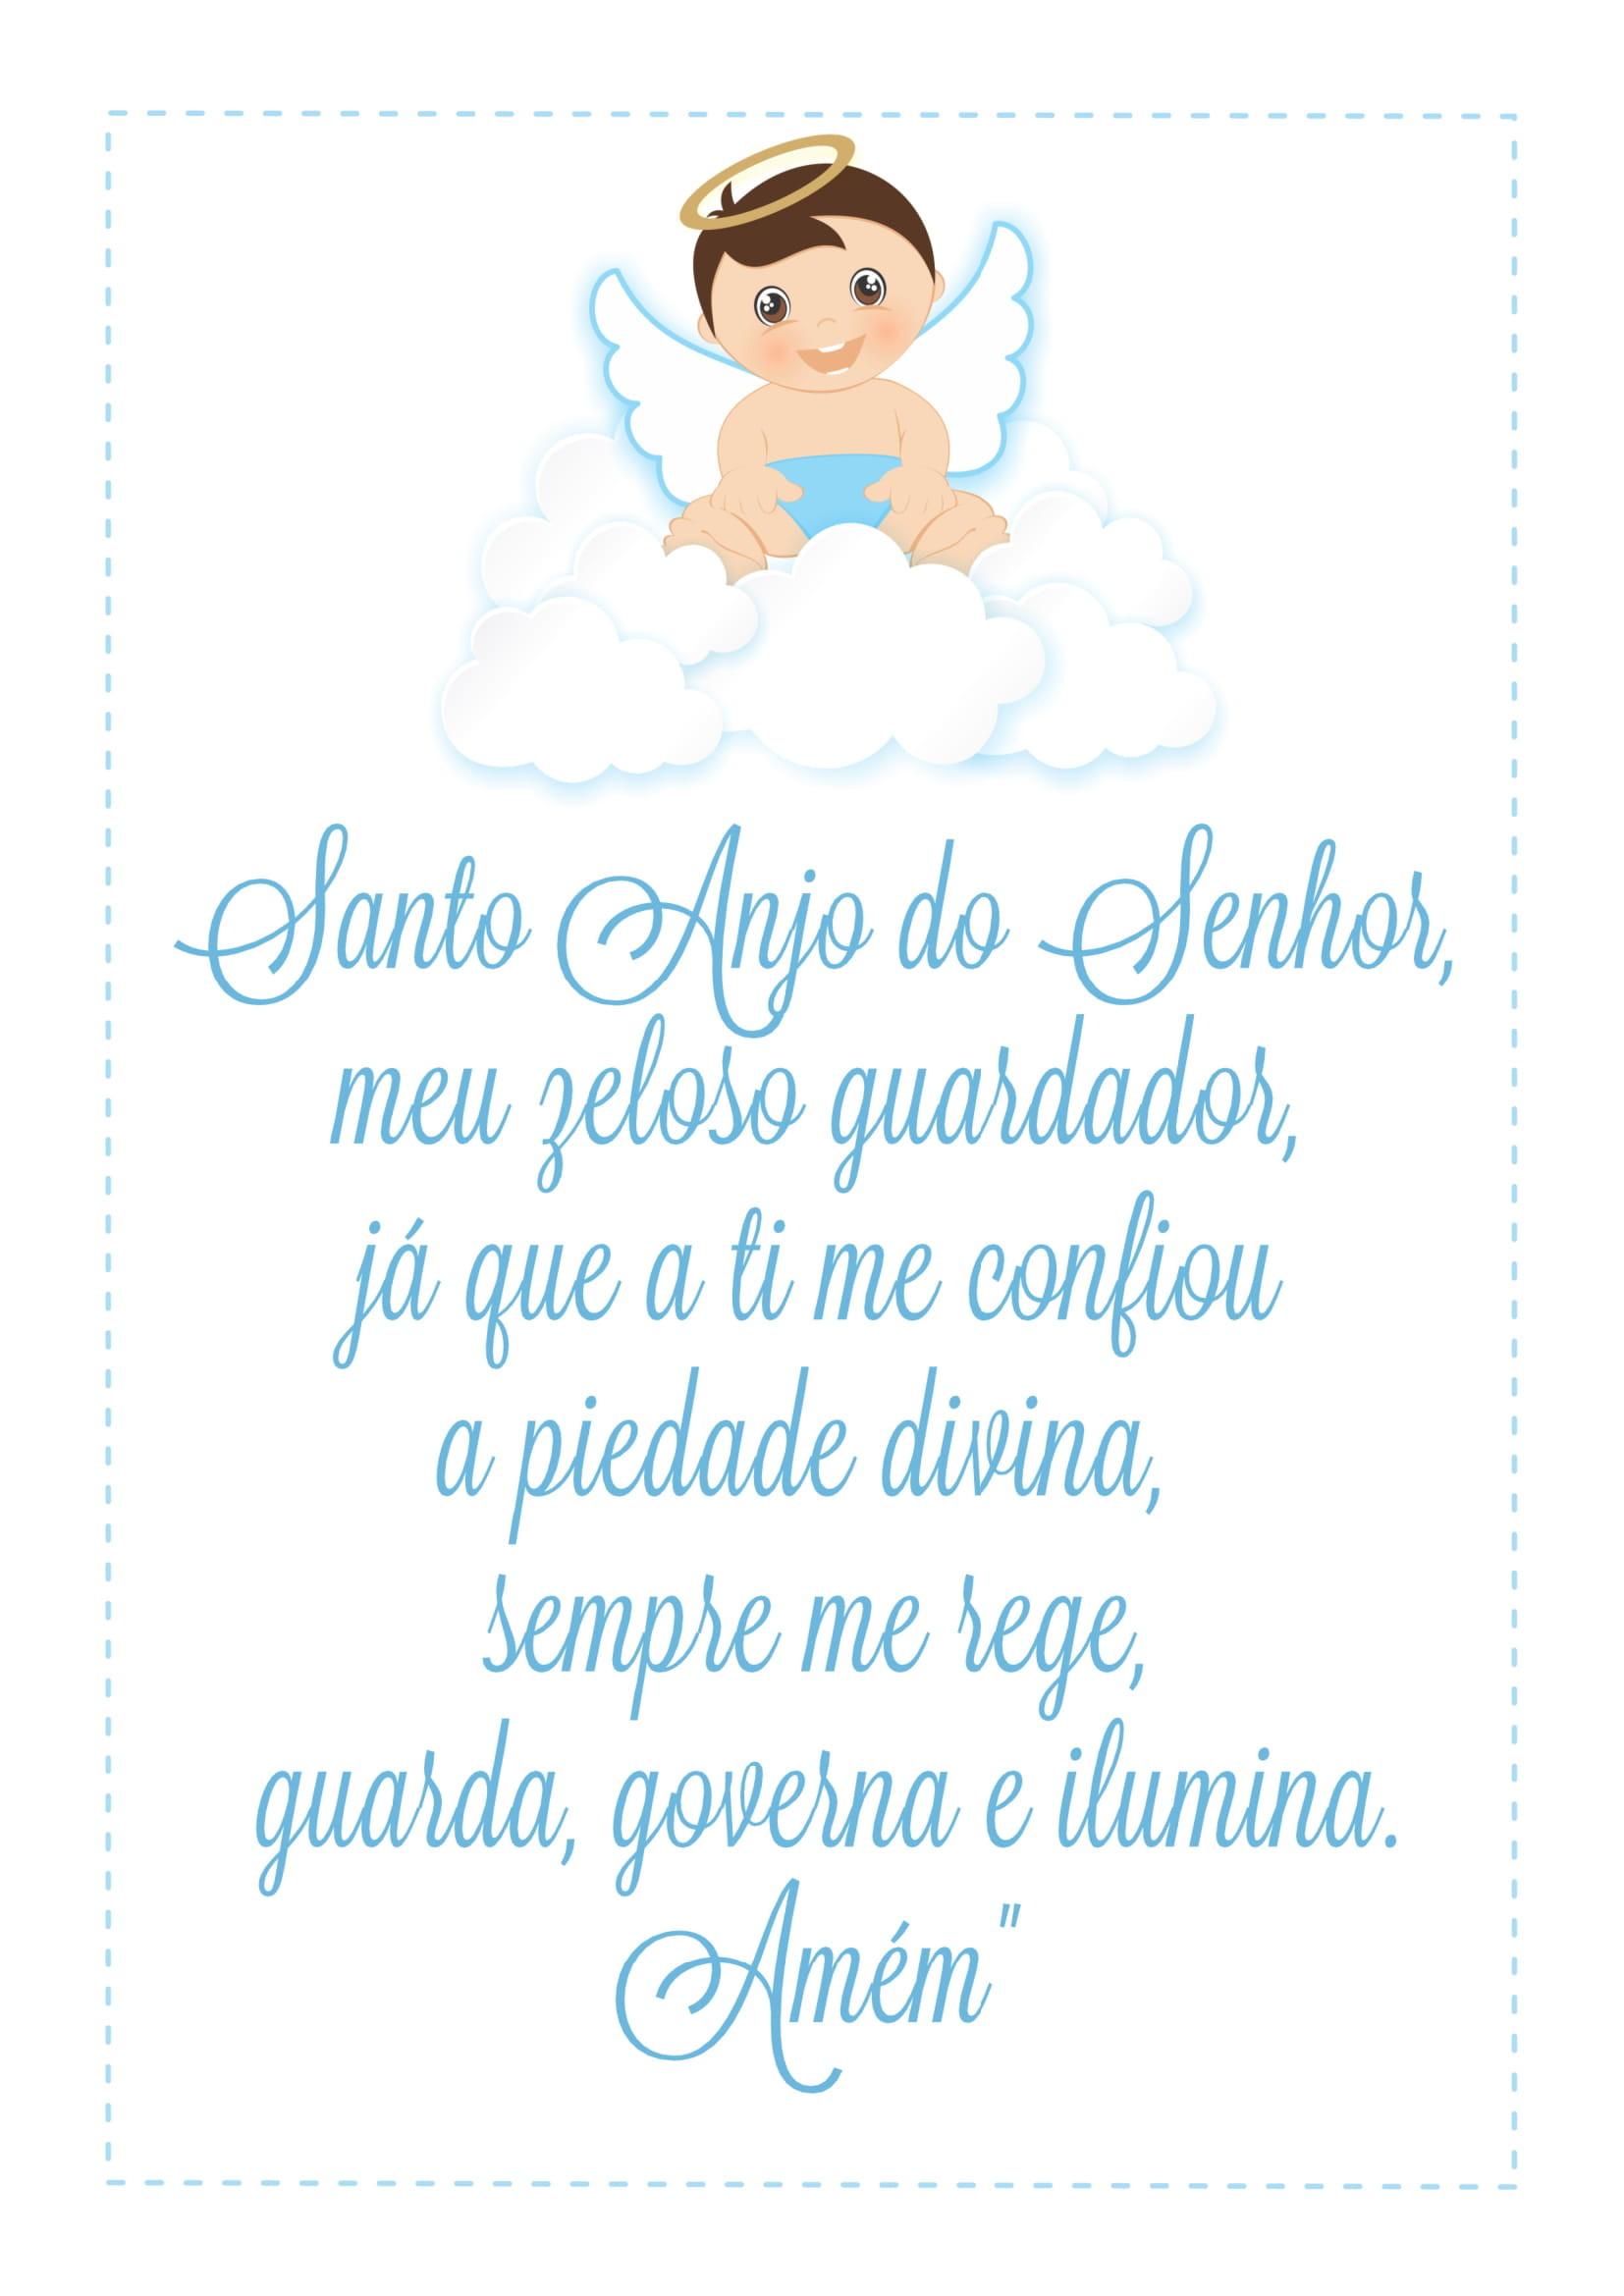 Arte Digital Para Quadros Santo Anjo Do Senhor No Elo7 Myah